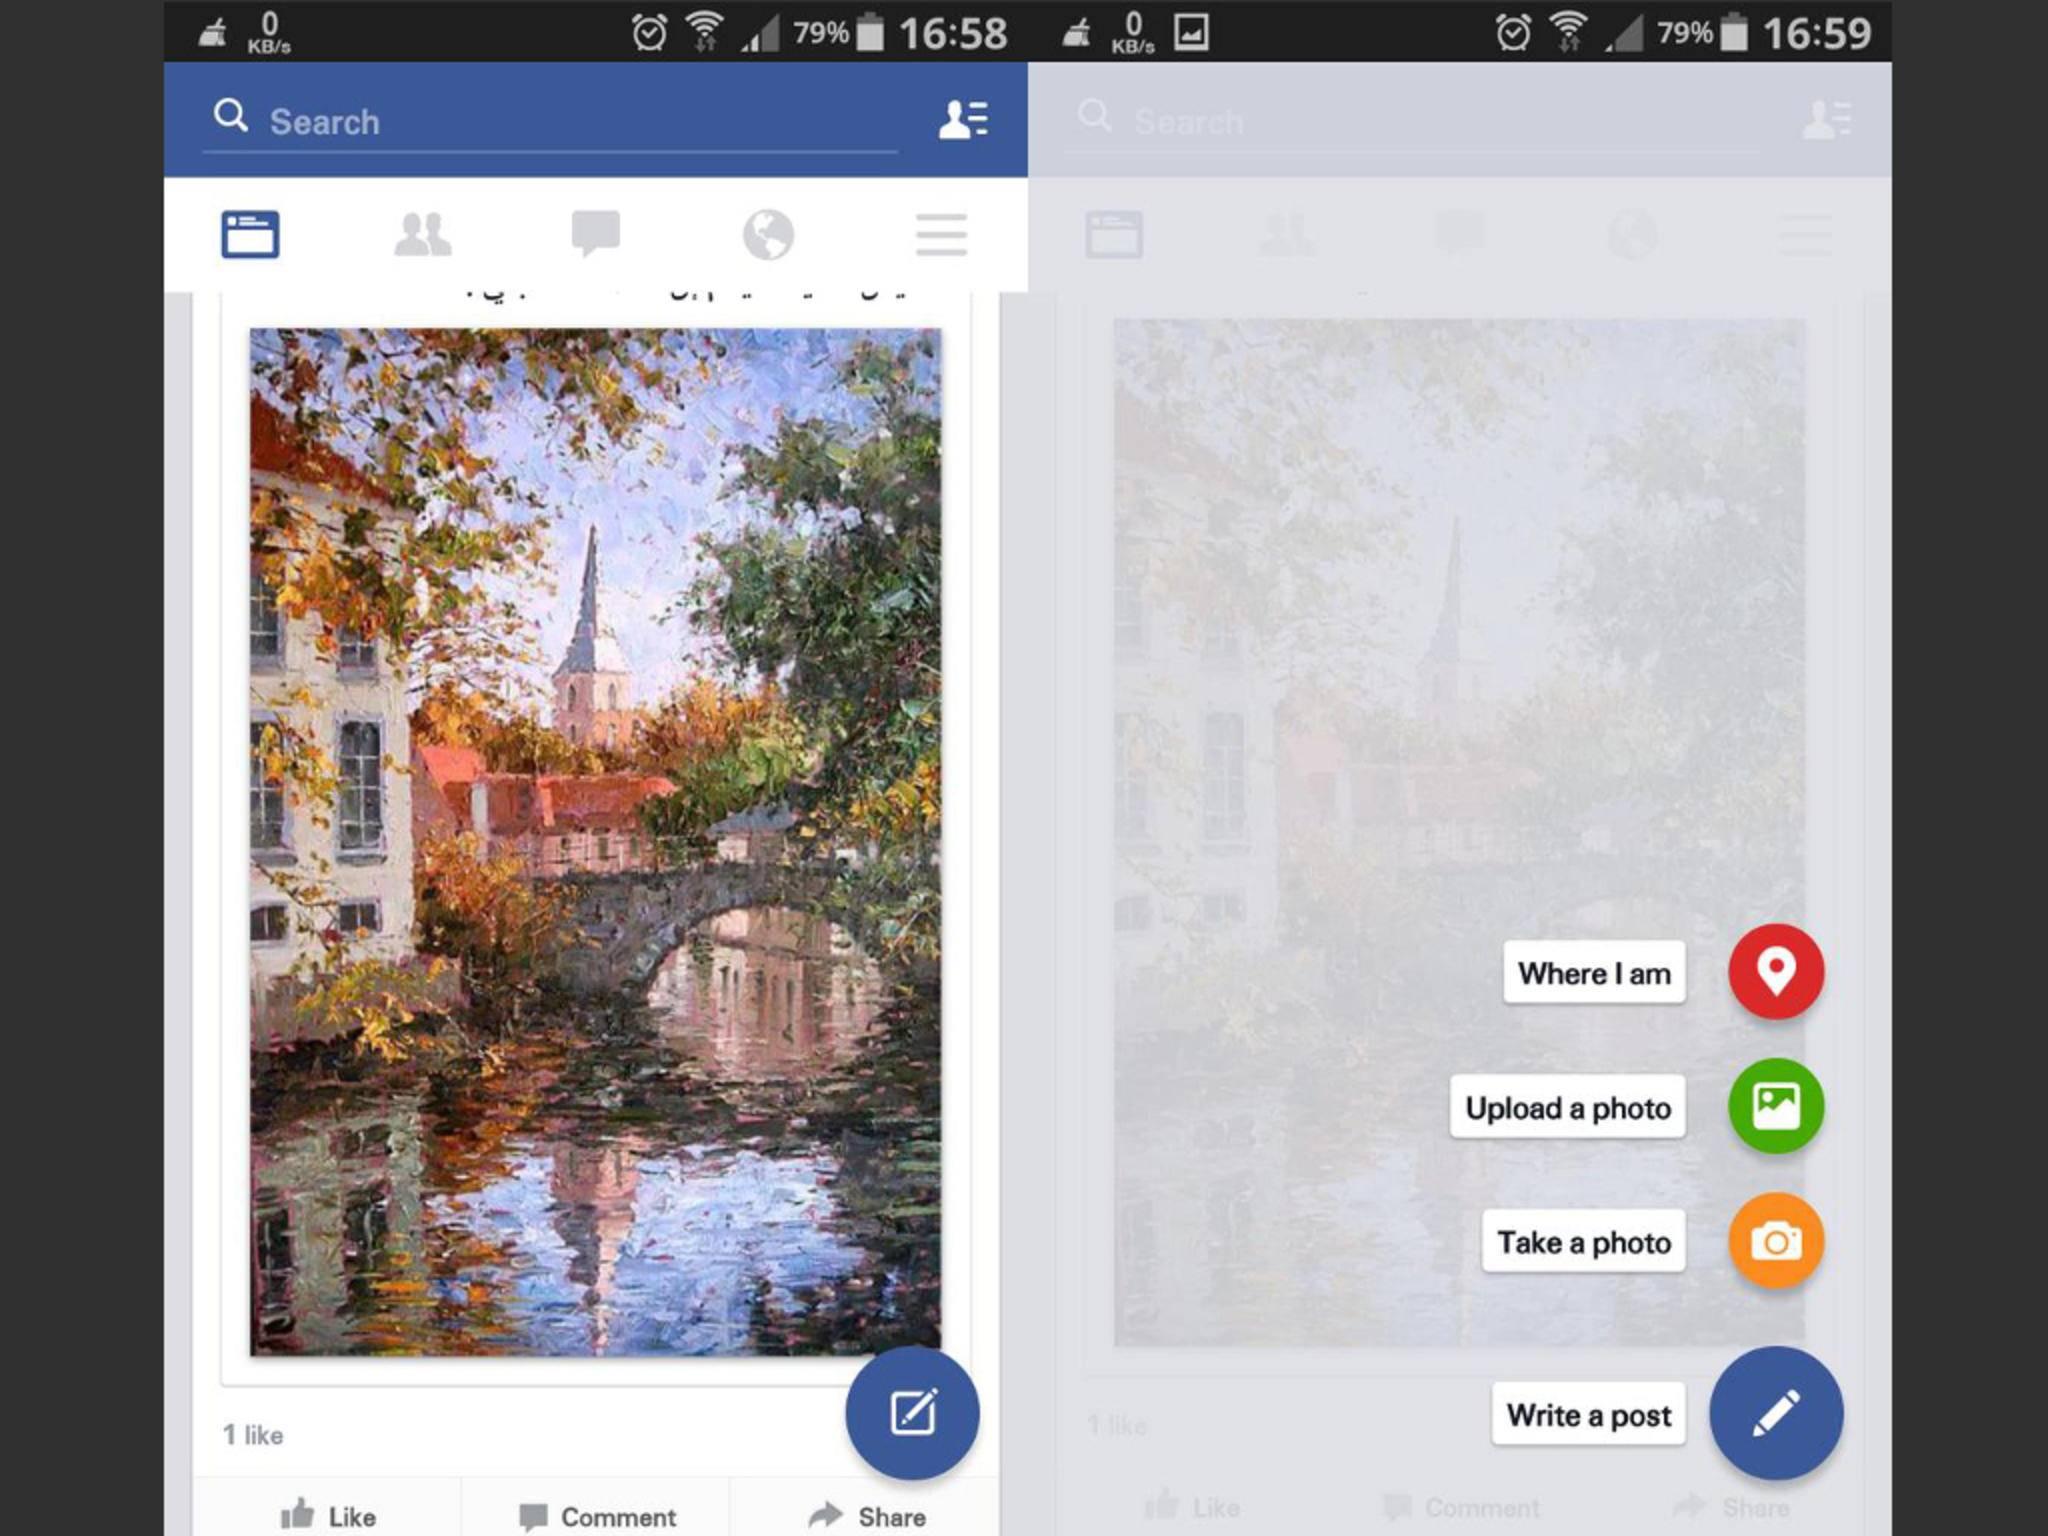 So soll das neue Material Design für die Android-App von Facebook aussehen.